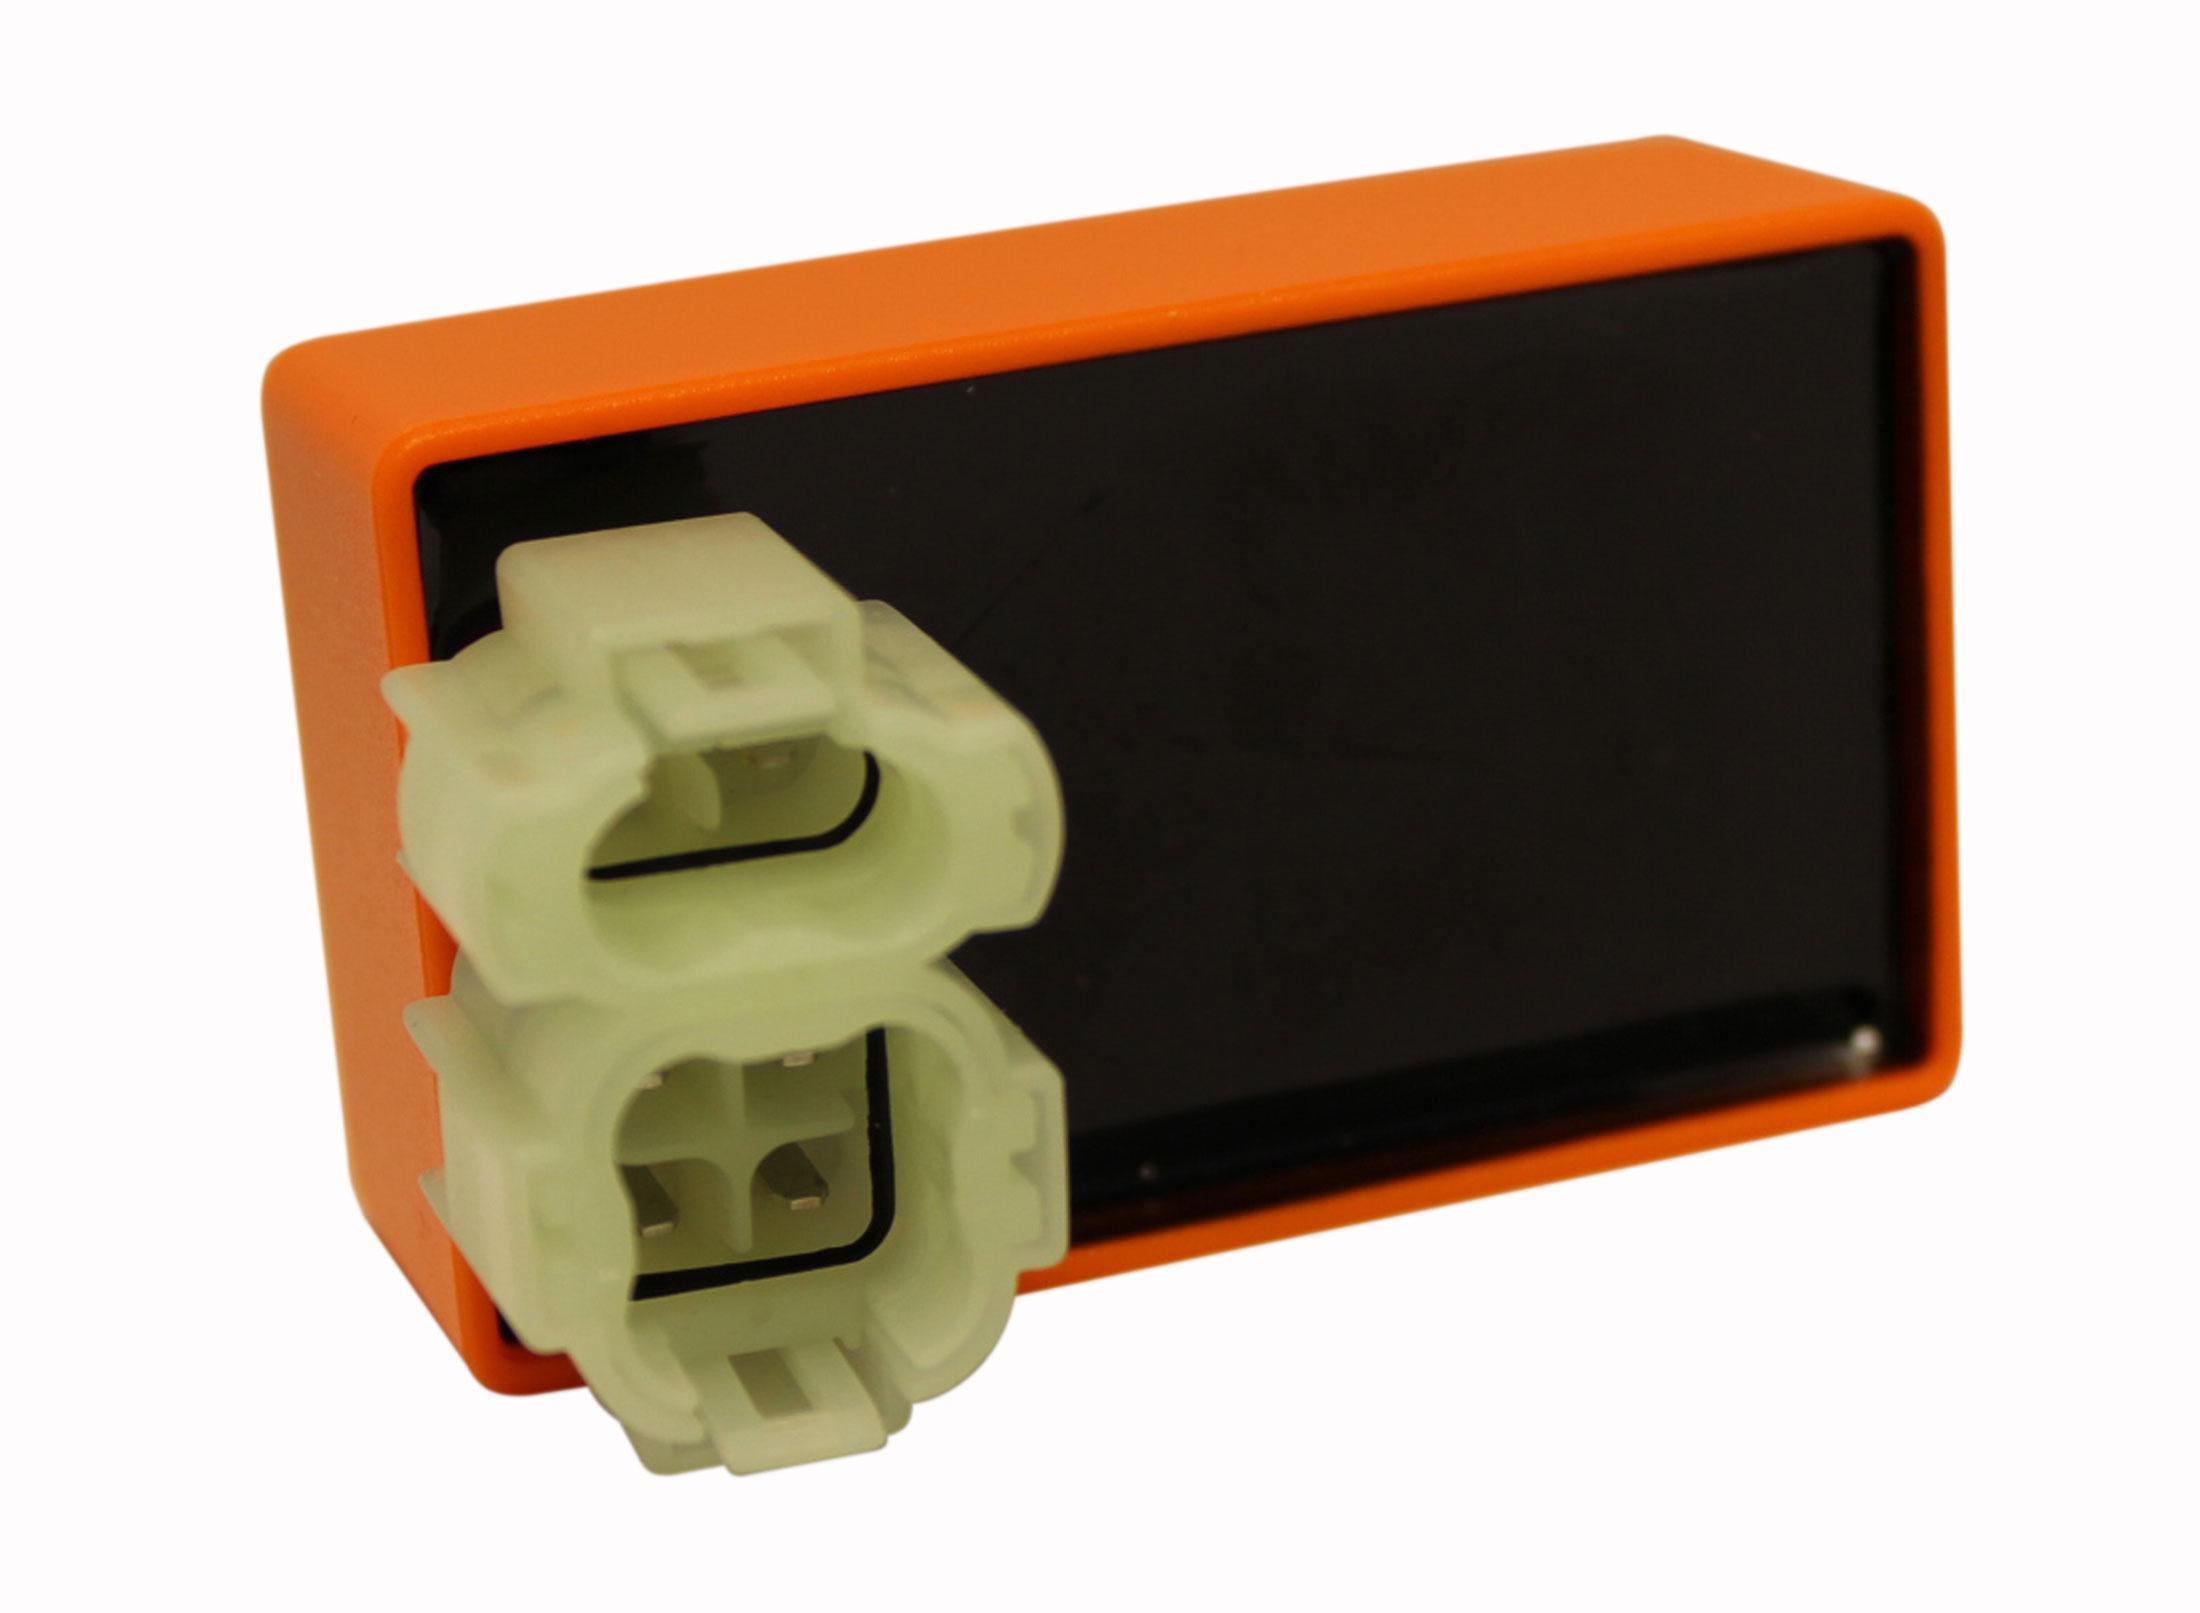 gy6 racing cdi wiring diagram ac ac high performance cdi module for 50cc 150cc gy6 engine  orange  ac high performance cdi module for 50cc